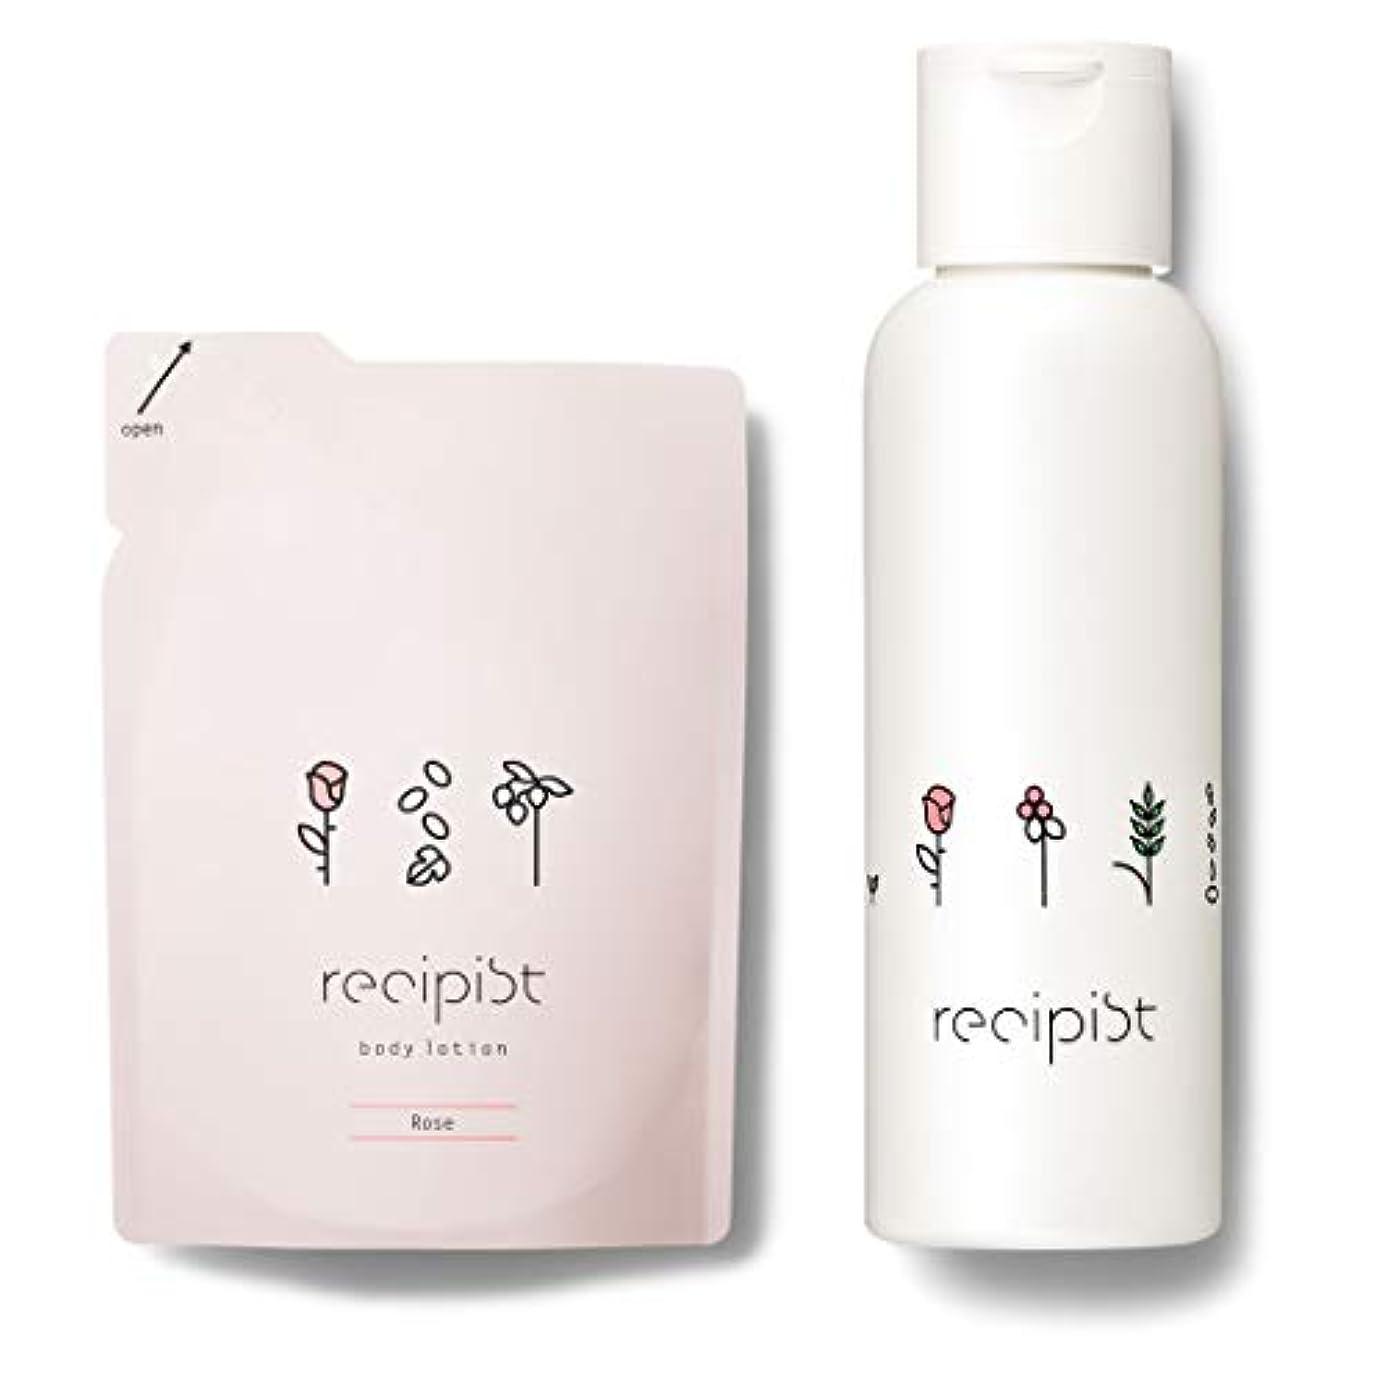 オープニングフラフープ体細胞レシピスト しっかりうるおうボディーローション ローズの香り 選べるボトル(ホワイト) + 詰め替え用 170mL